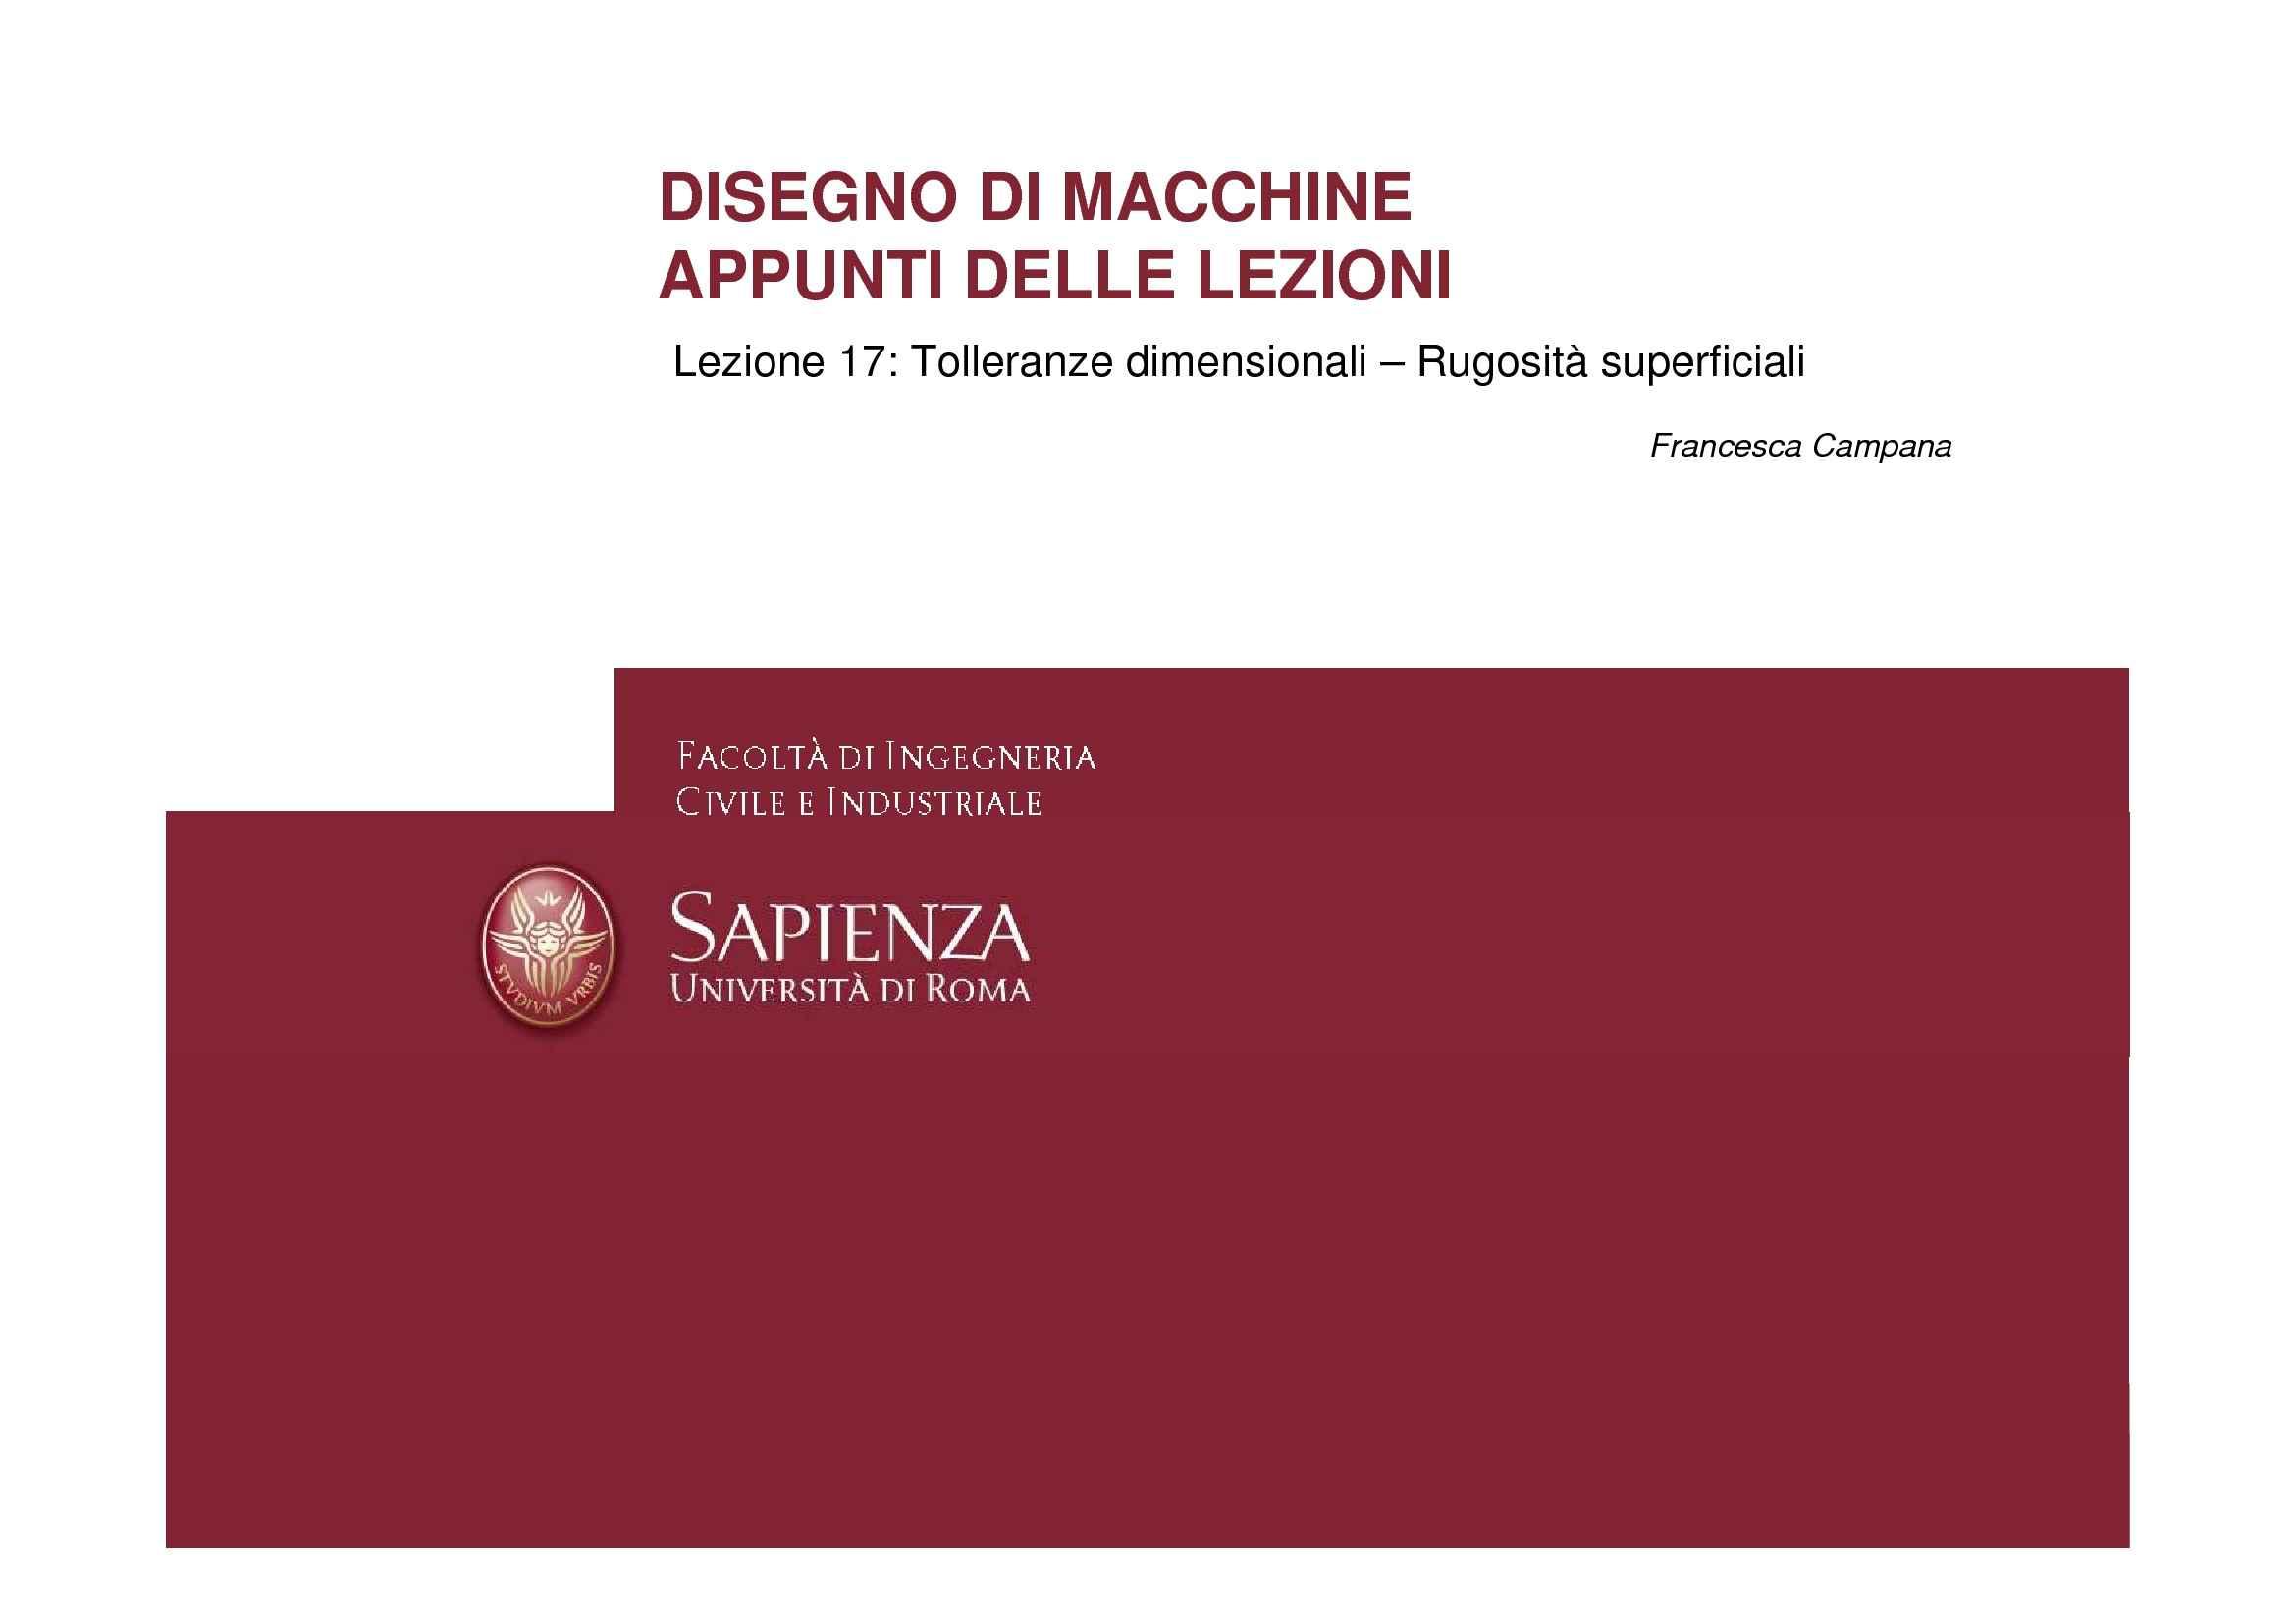 dispensa F. Campana Disegno di Macchine